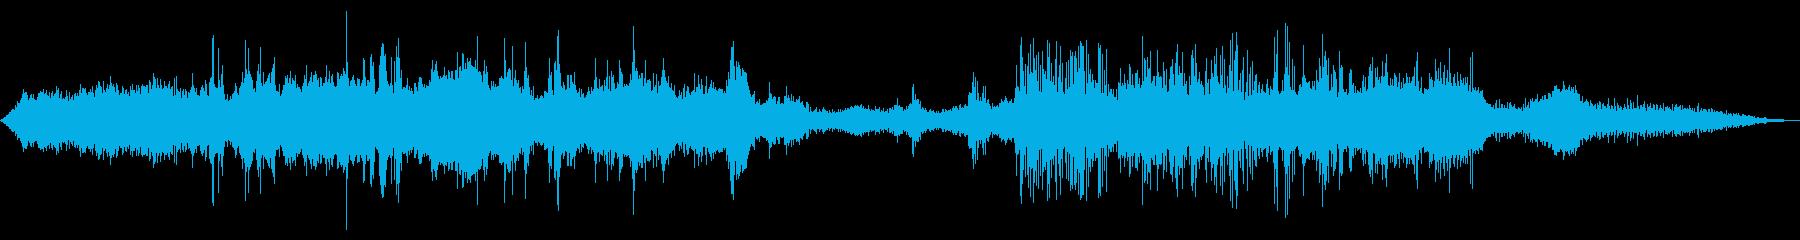 使用中の草トリマー(遠近法)の再生済みの波形